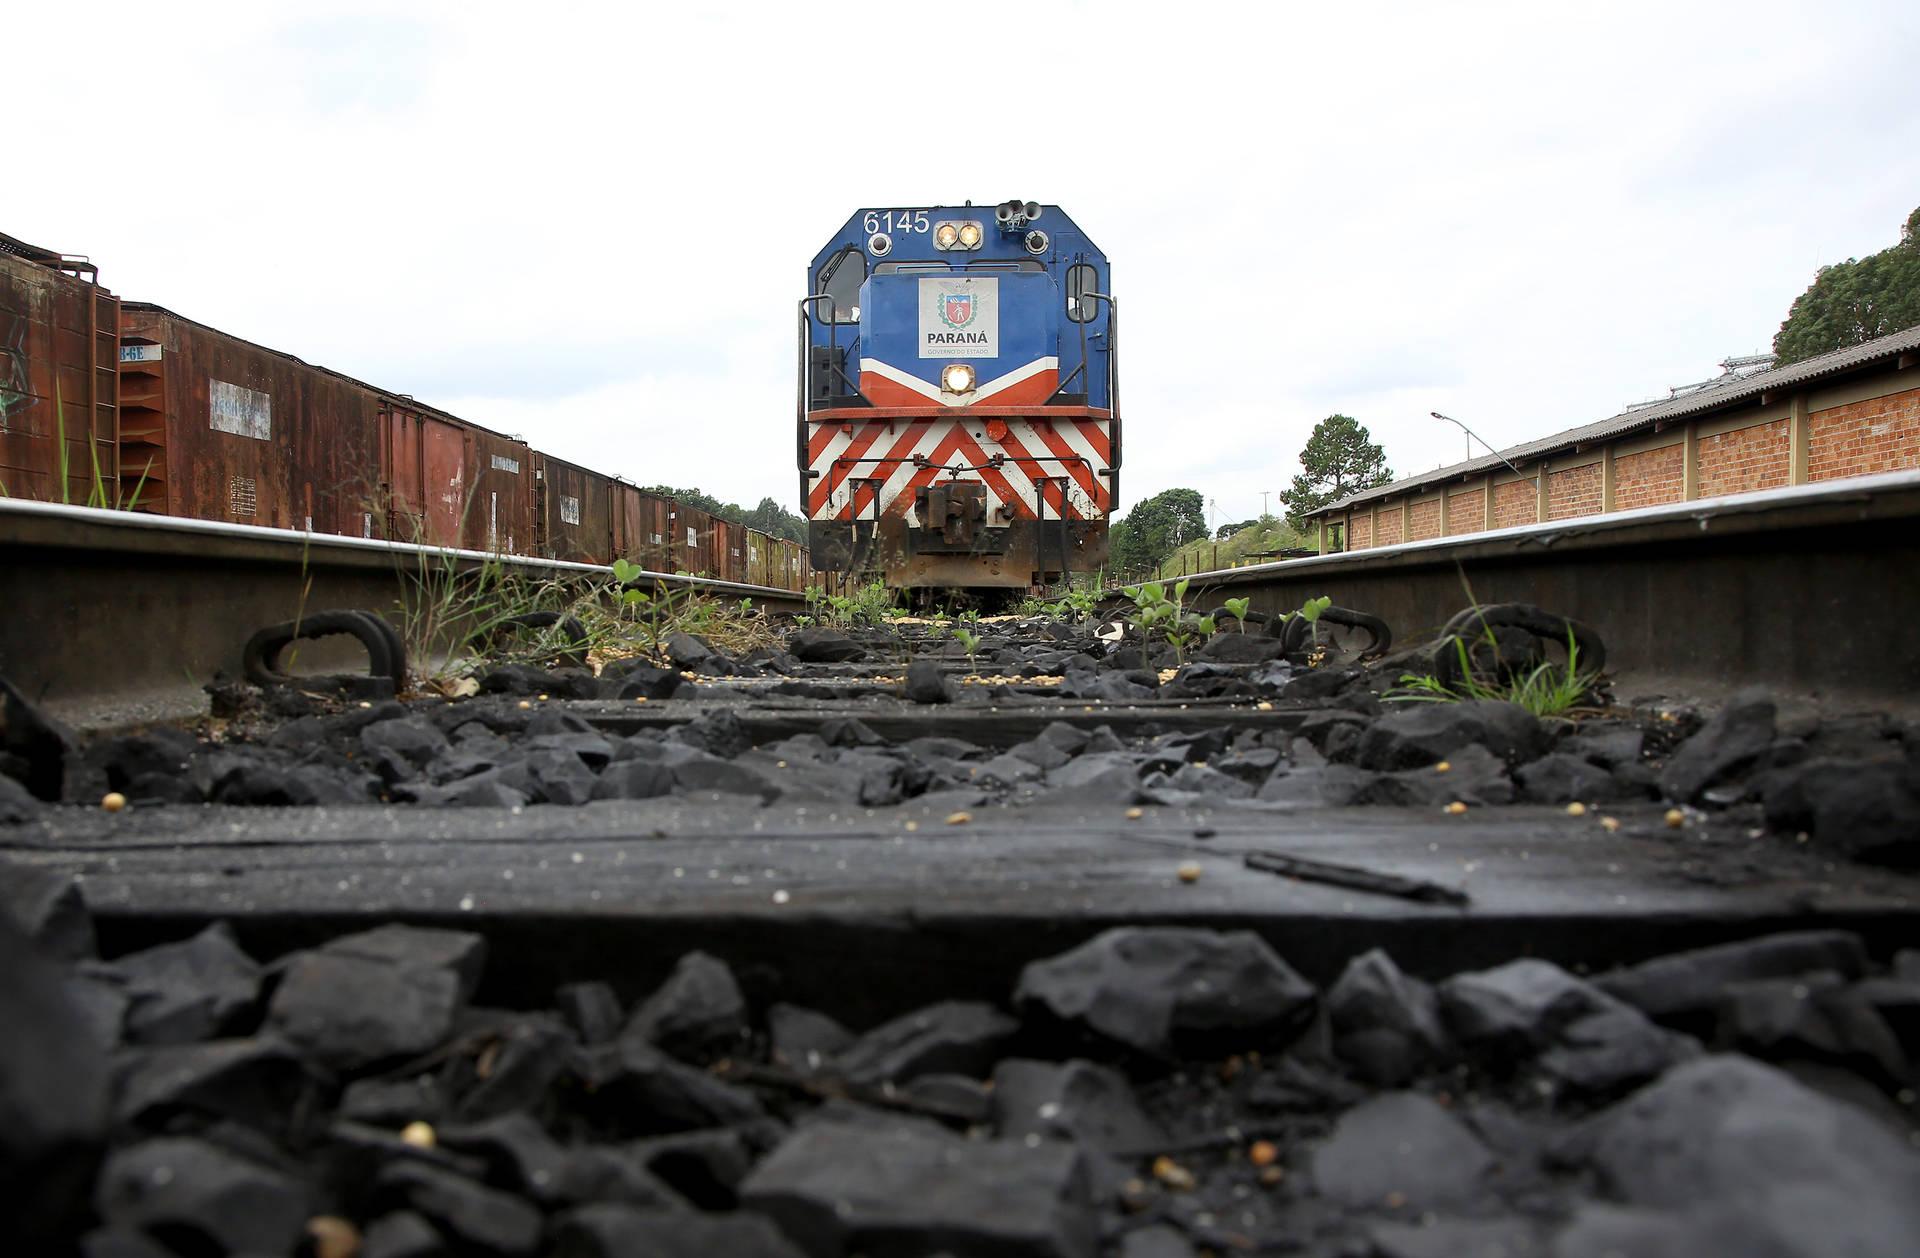 De acordo com a Secretaria da Infraestrutura e Logística, parceria com a Rumo vai fazer com que o volume de produtos transportados na malha ferroviária que liga Cascavel a Guarapuava passe de 1,1 milhão de toneladas por ano para cerca de 2 milhões/ano